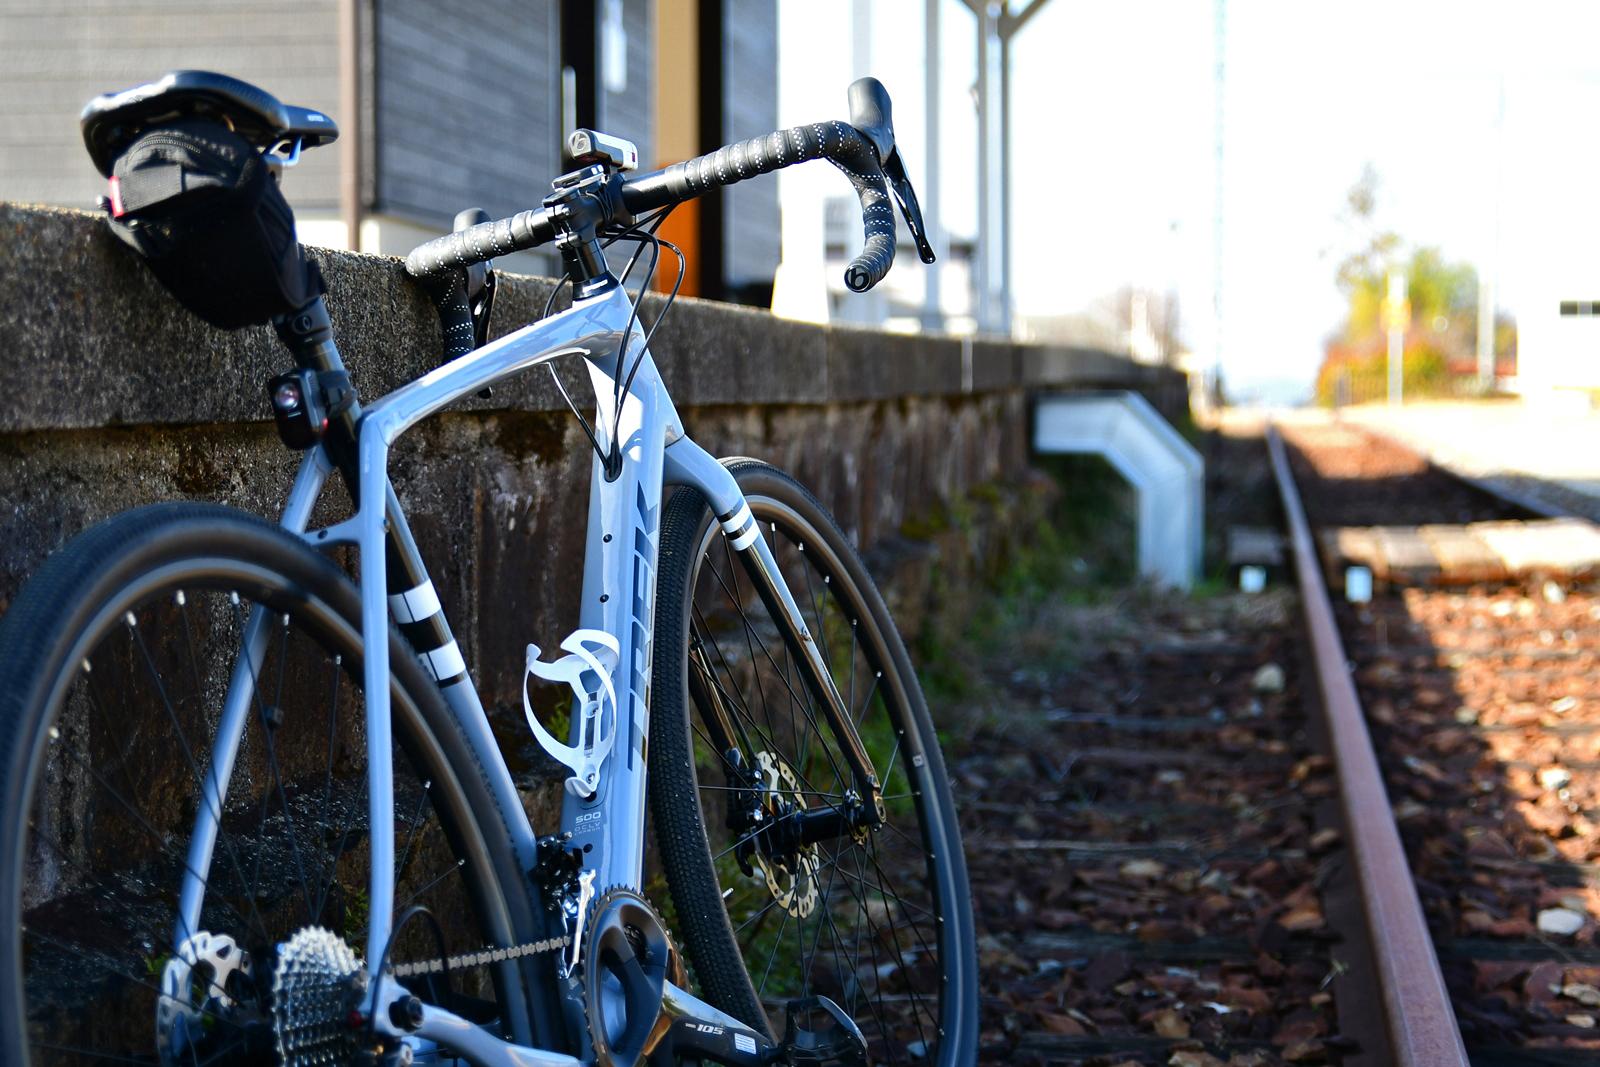 グラベルを求めて三木市までサイクリングに行ってきました。